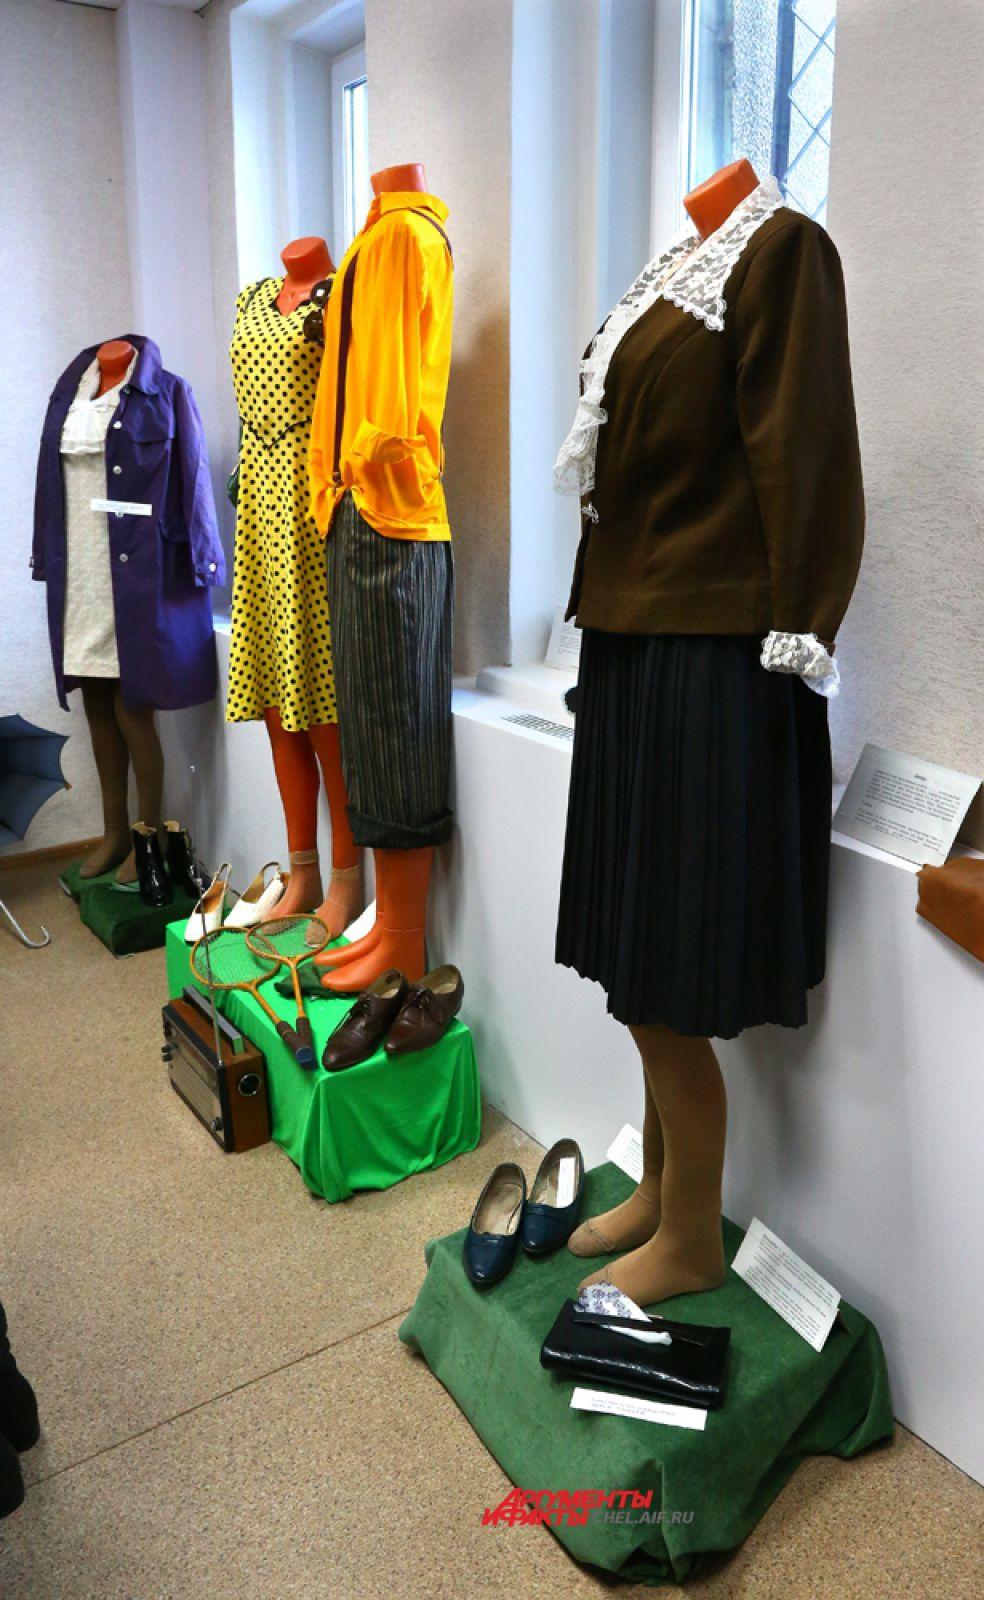 Манекены с мо делями женской и мужской одежды Представлены: деловой костюм, нарядная одежда для свидания и одежда для осени.1960-1970 годов.